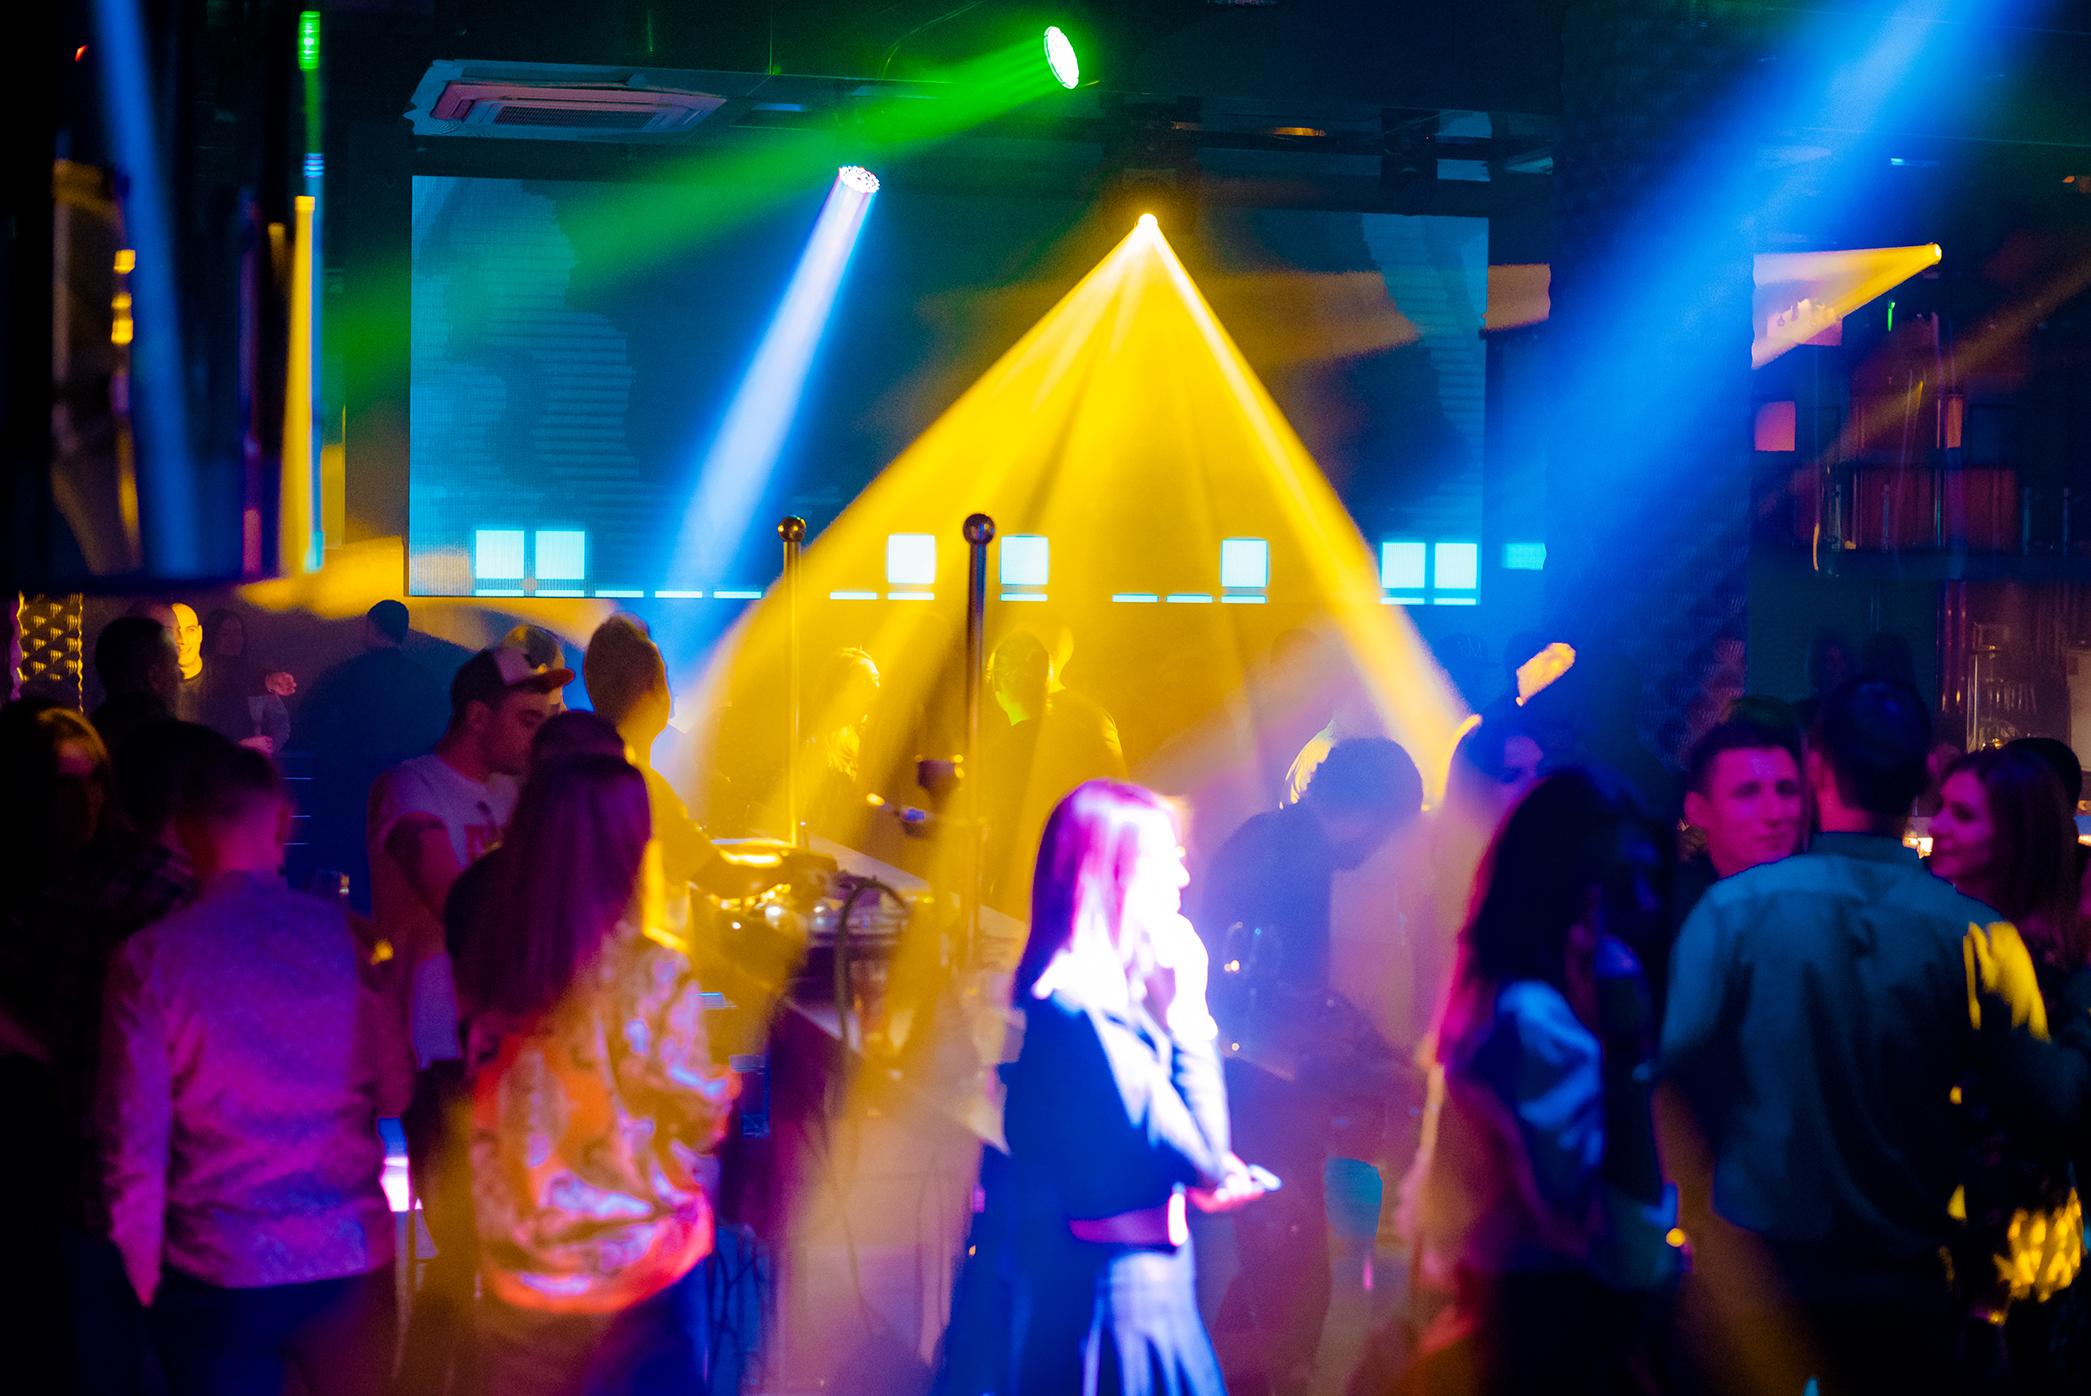 Атмосфера тюмень клуб ночной ночного клуба зефир